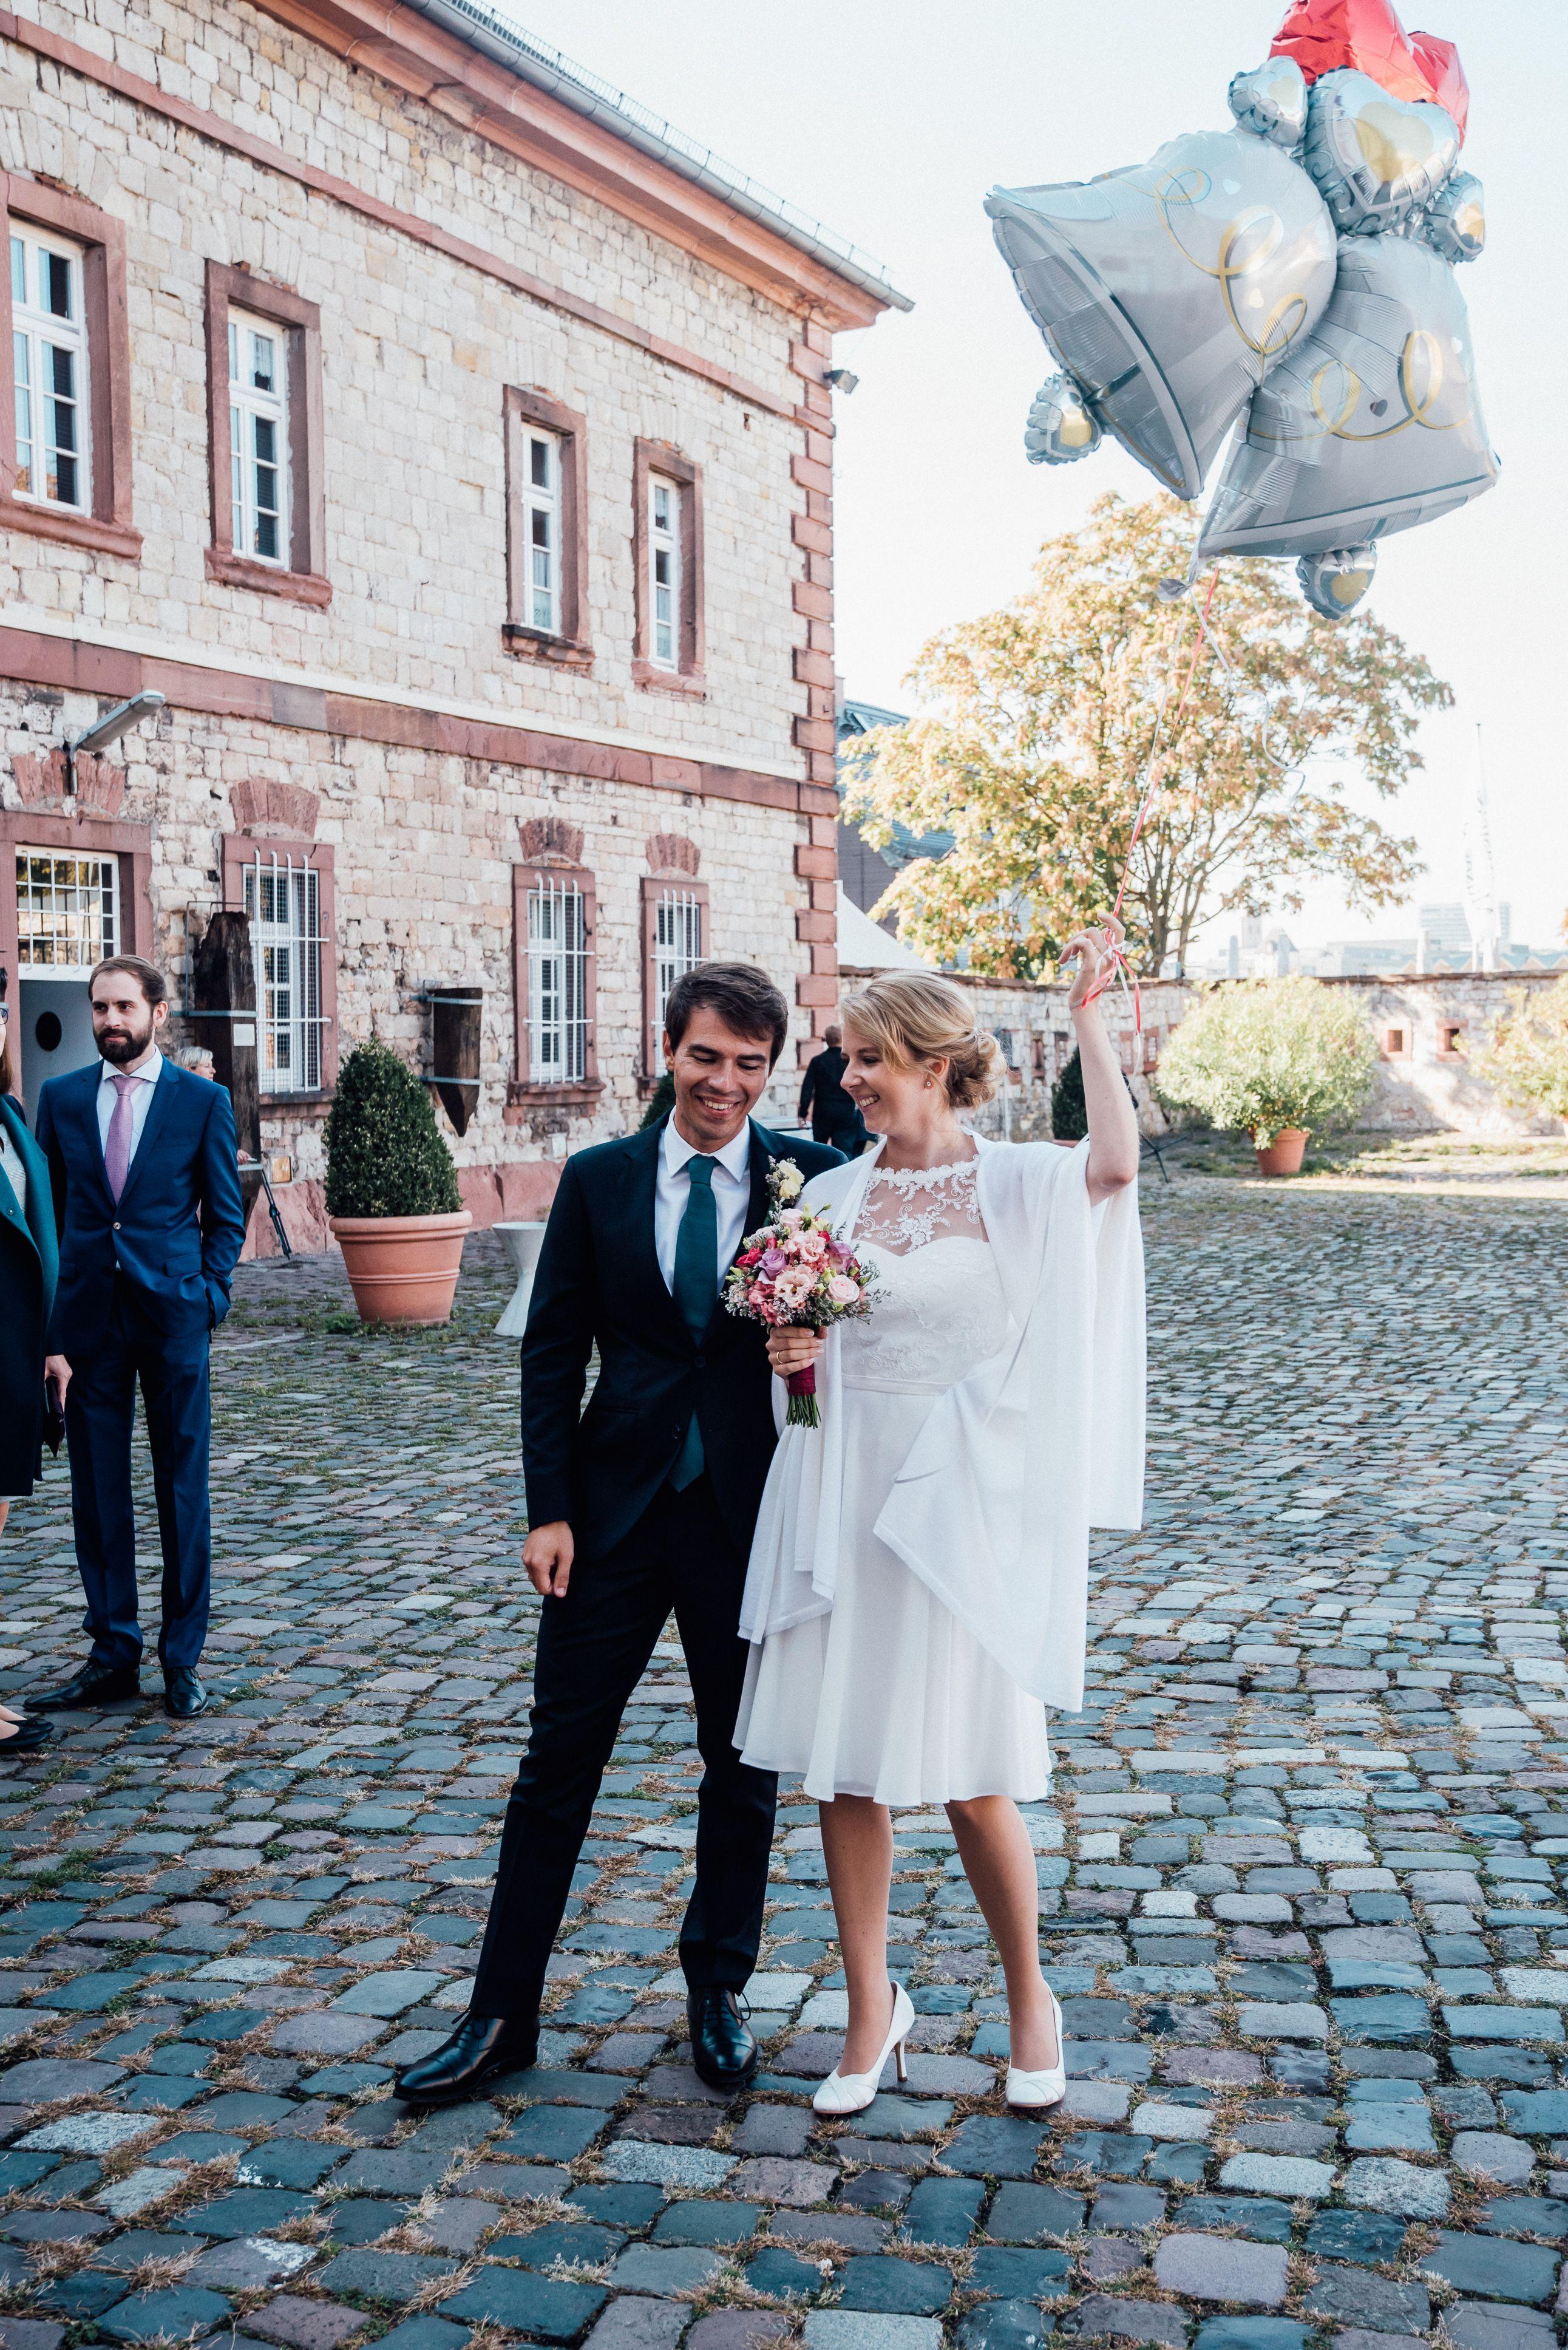 Kleine Uberraschung Der Trauzeugen Nach Der Trauung Hochzeitsfotografrheinmain Wedding Mit Bildern Fotos Hochzeit Hochzeitsinspirationen Hochzeitsfotografie